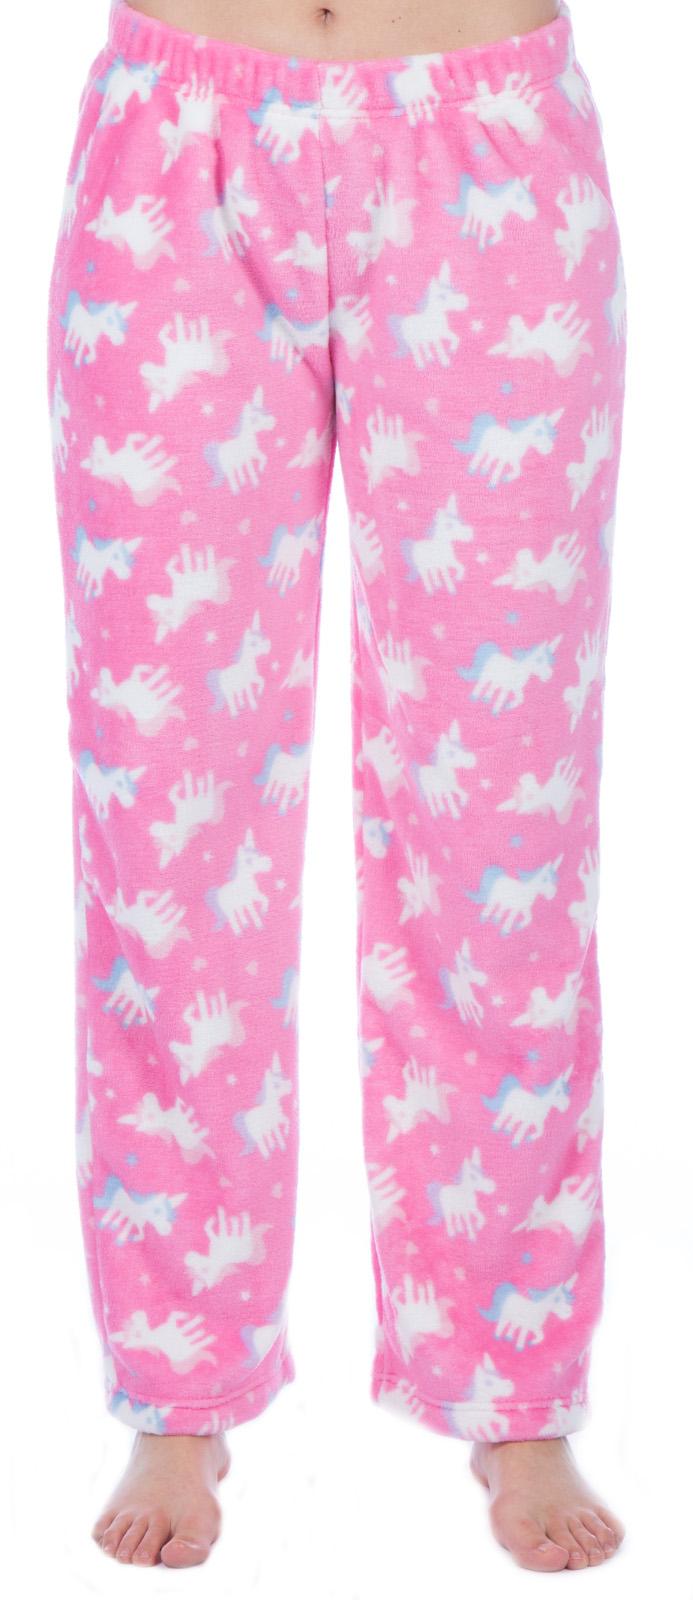 Girls Fleece Lounge Pants Kids Unicorn Llama Pyjama Bottoms Pj Pants Xmas Gift